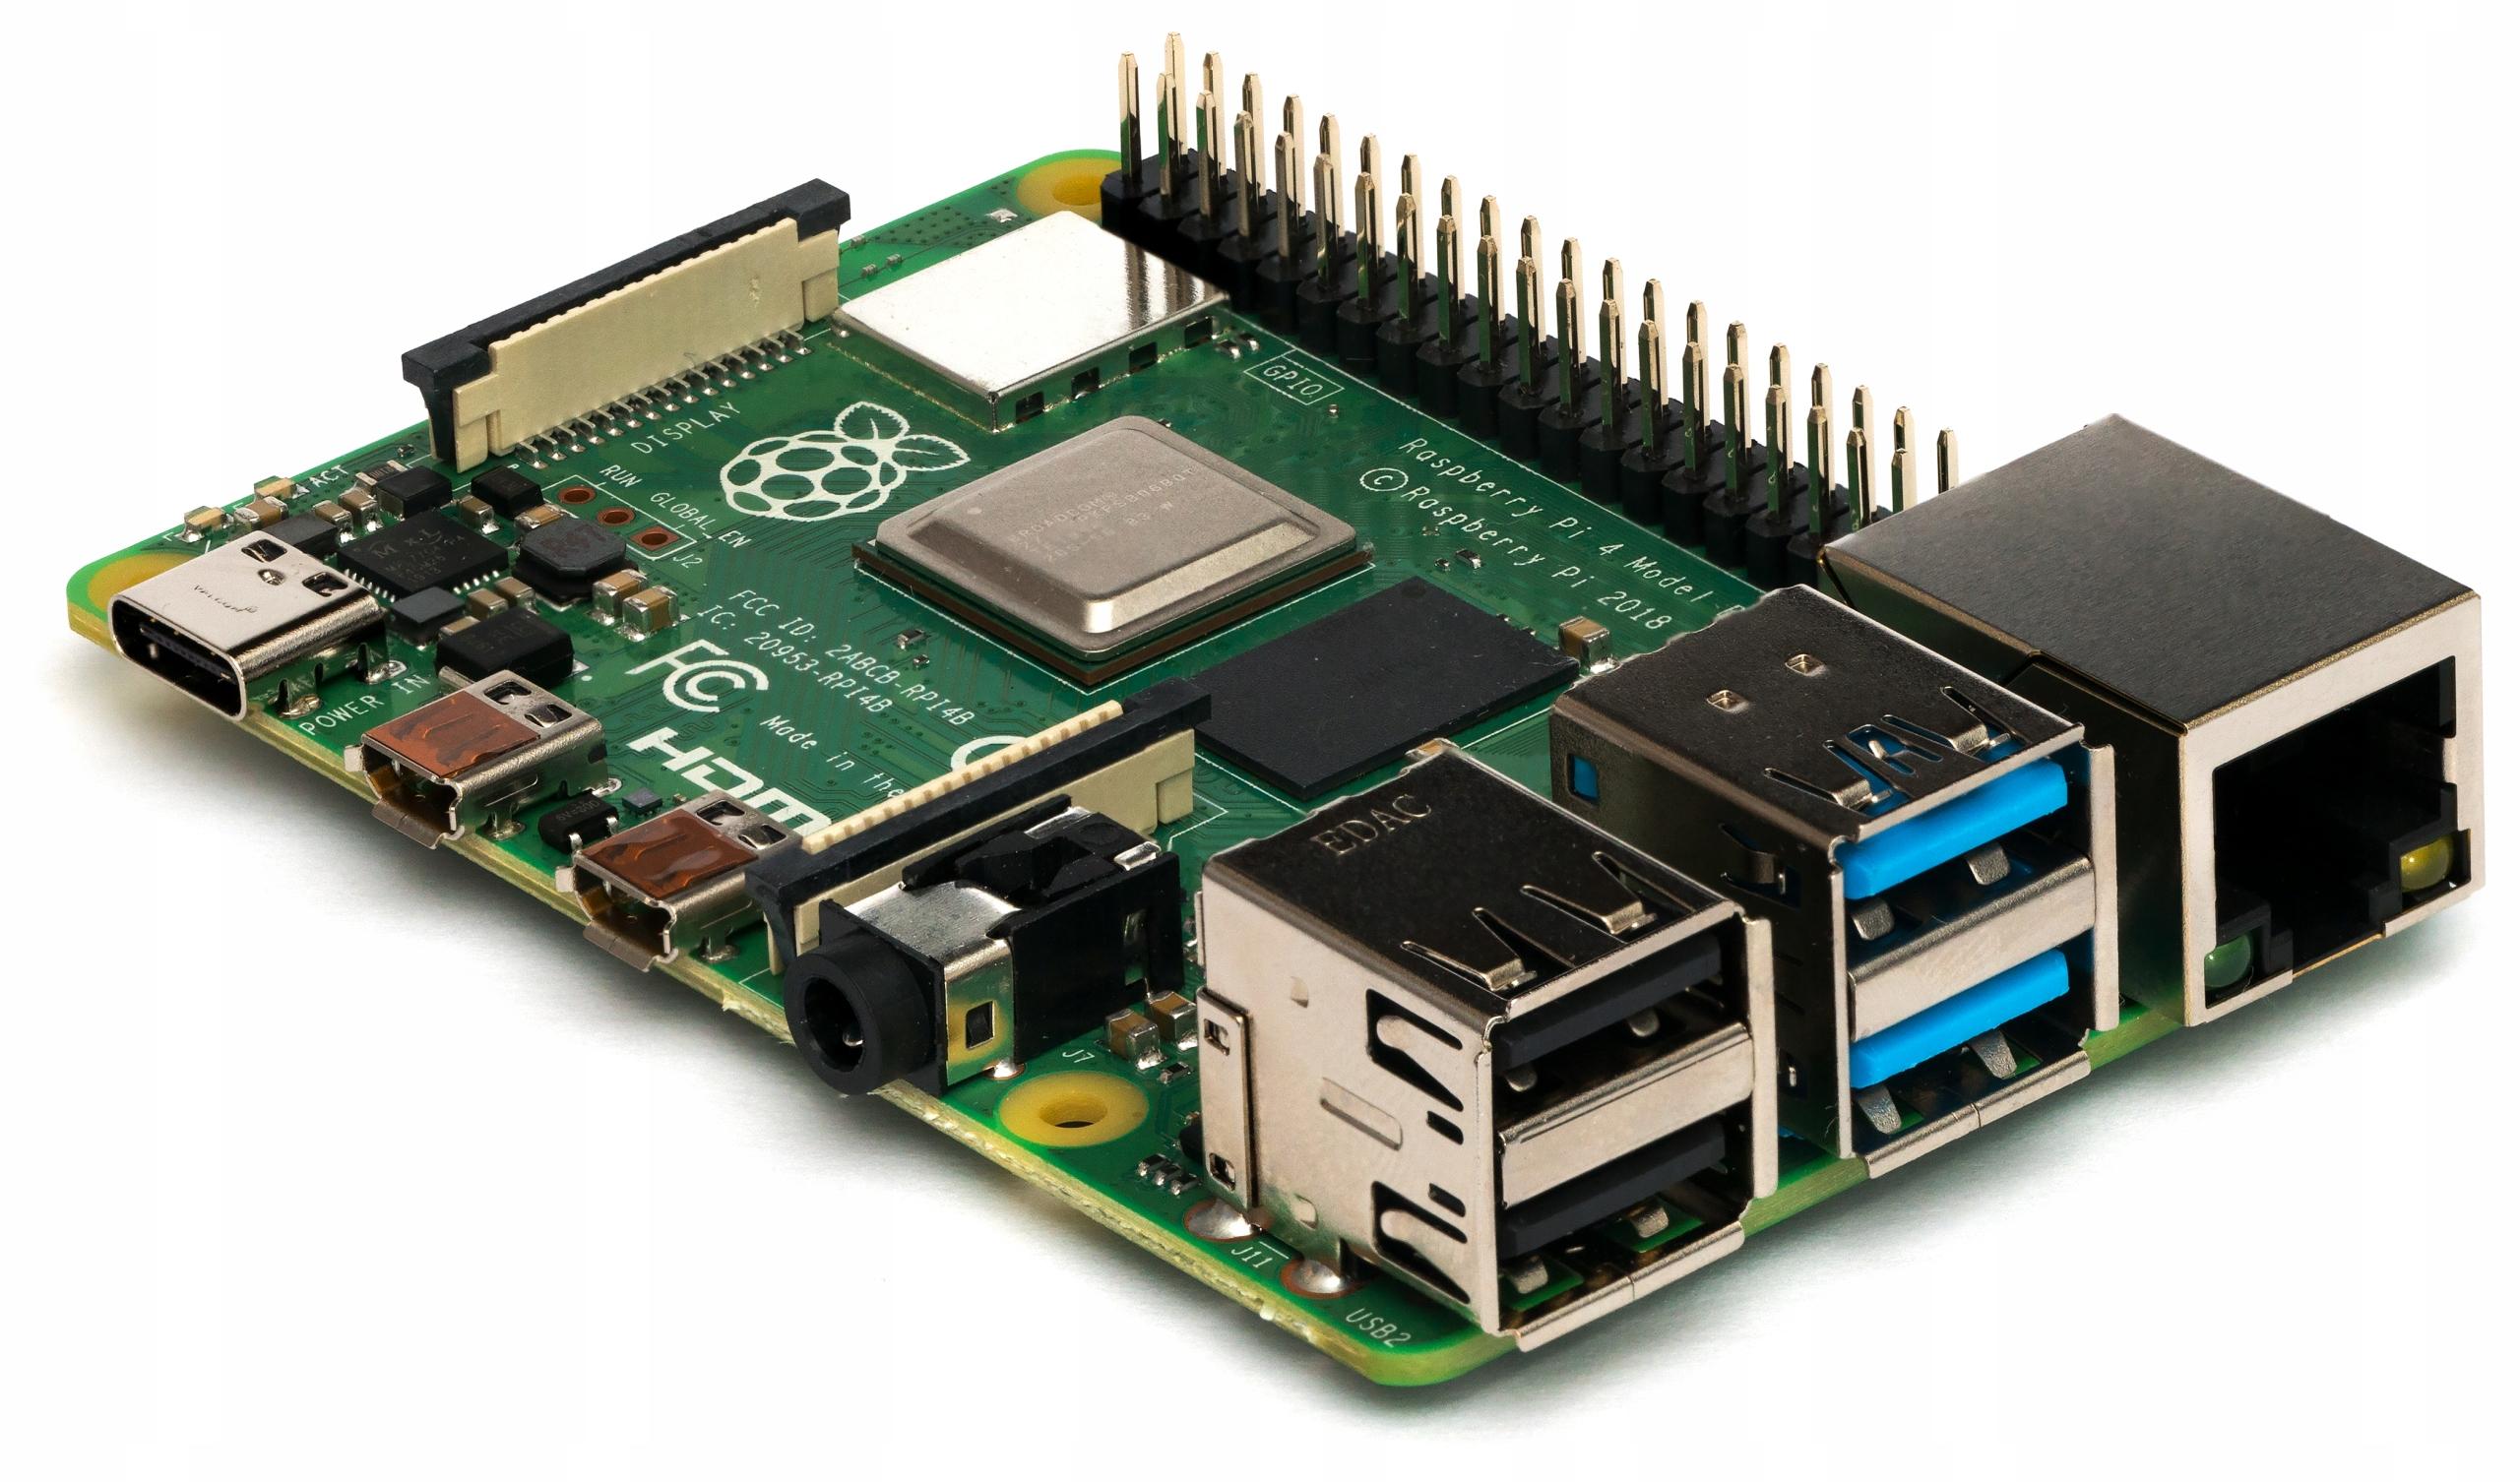 Zestaw Raspberry Pi 4 Z 4gb Ram Zasilacz Sd32 Sklep Komputerowy Allegro Pl